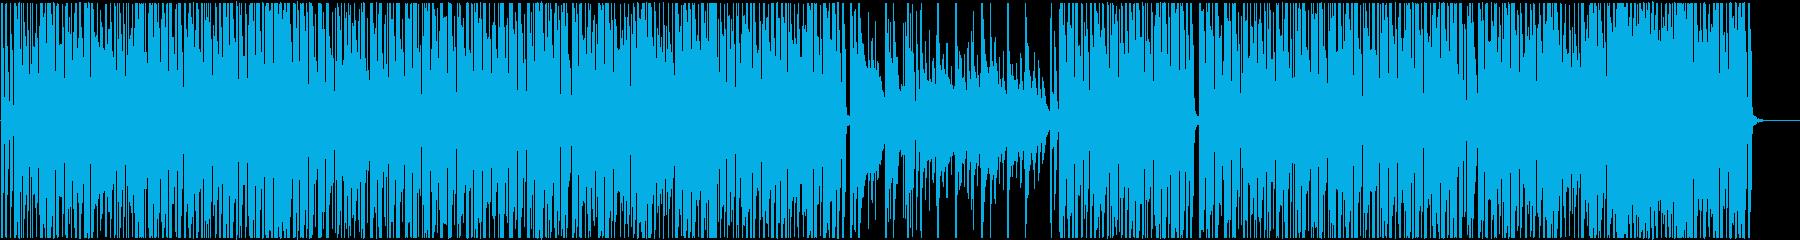 STEM - ブラス抜きの再生済みの波形